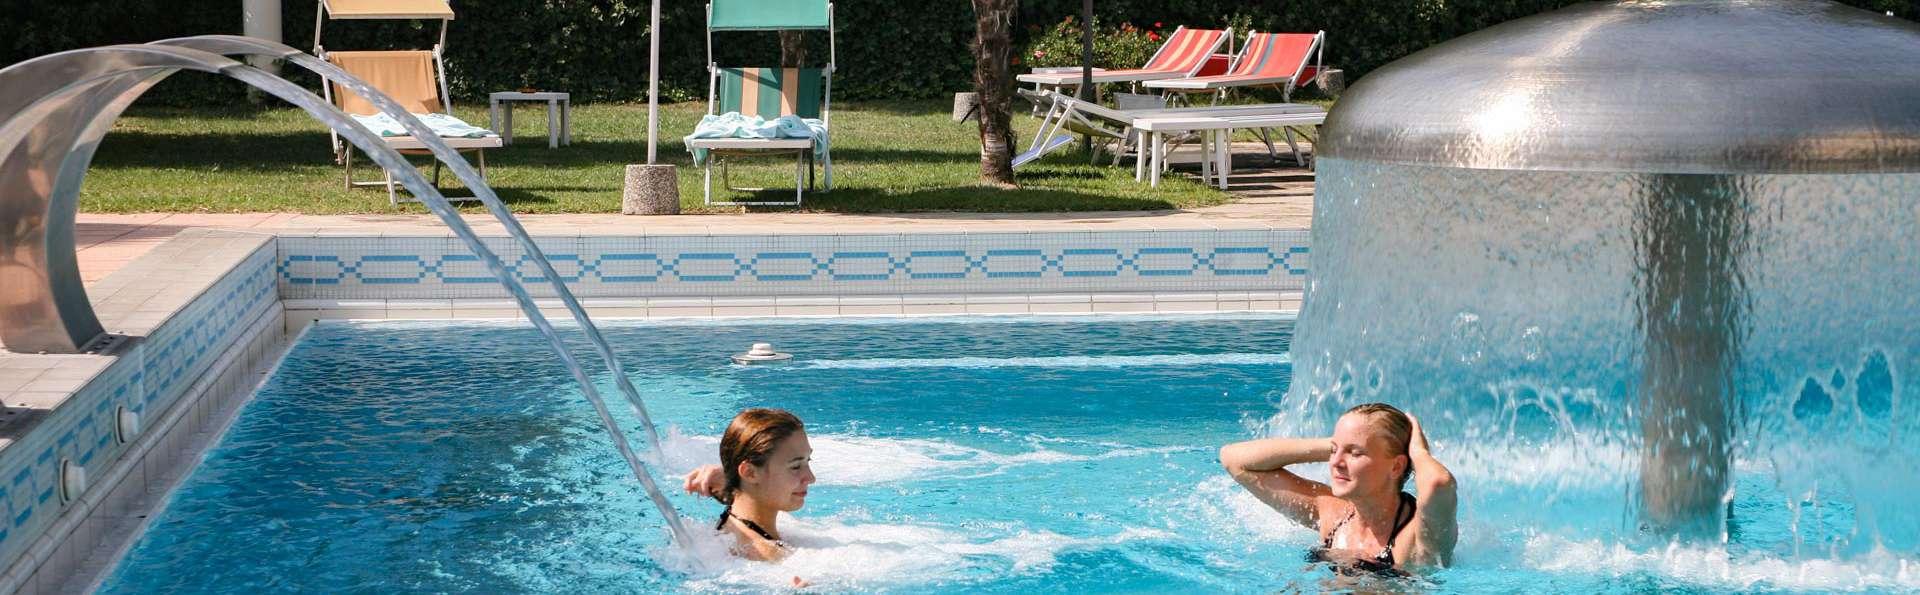 Ambiance de rêve dans un hôtel aux portes de Venise et accès au spa (train A/R inclus)